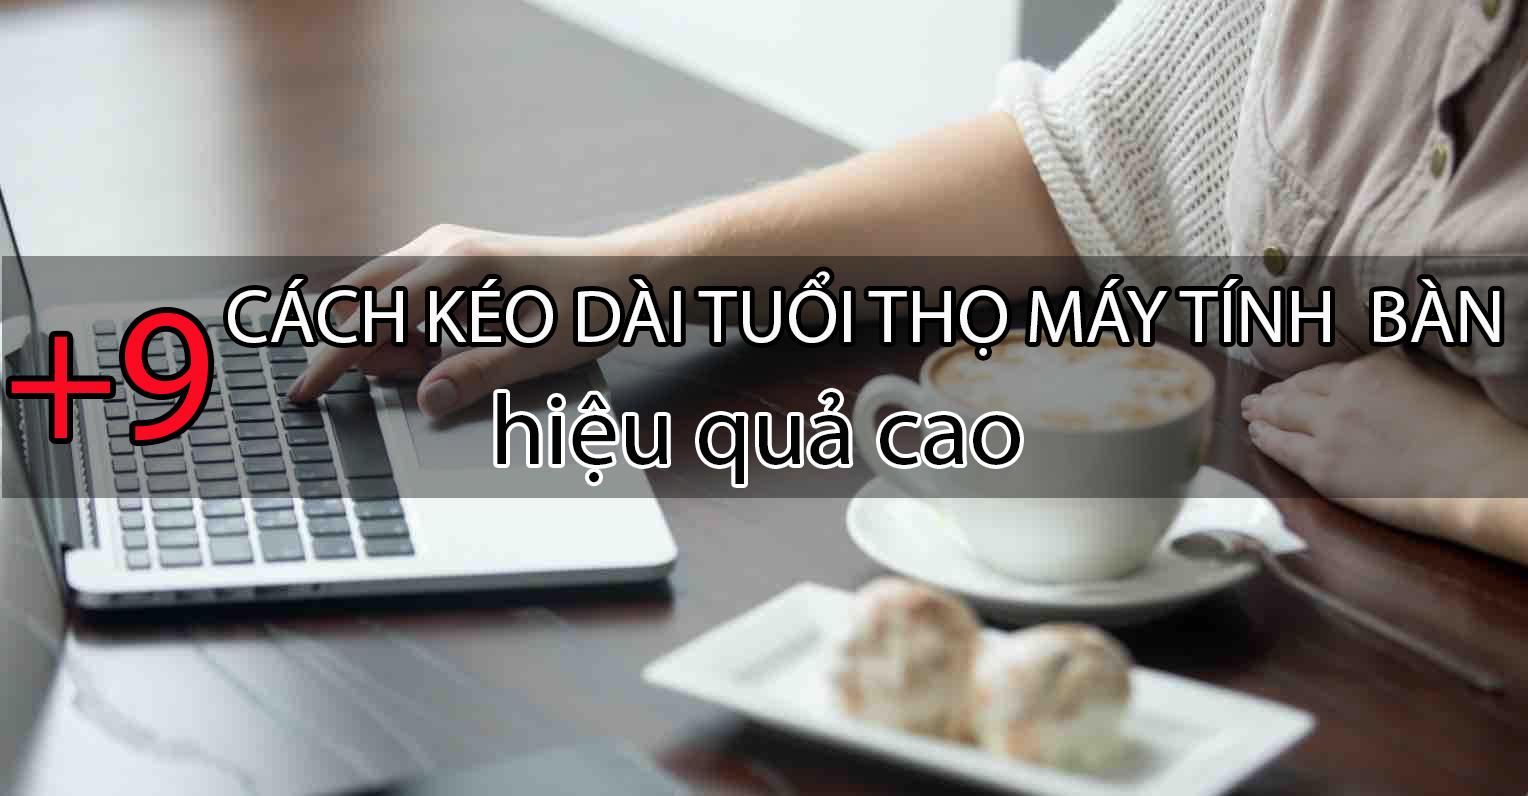 tang tuoi tho may tinh ban